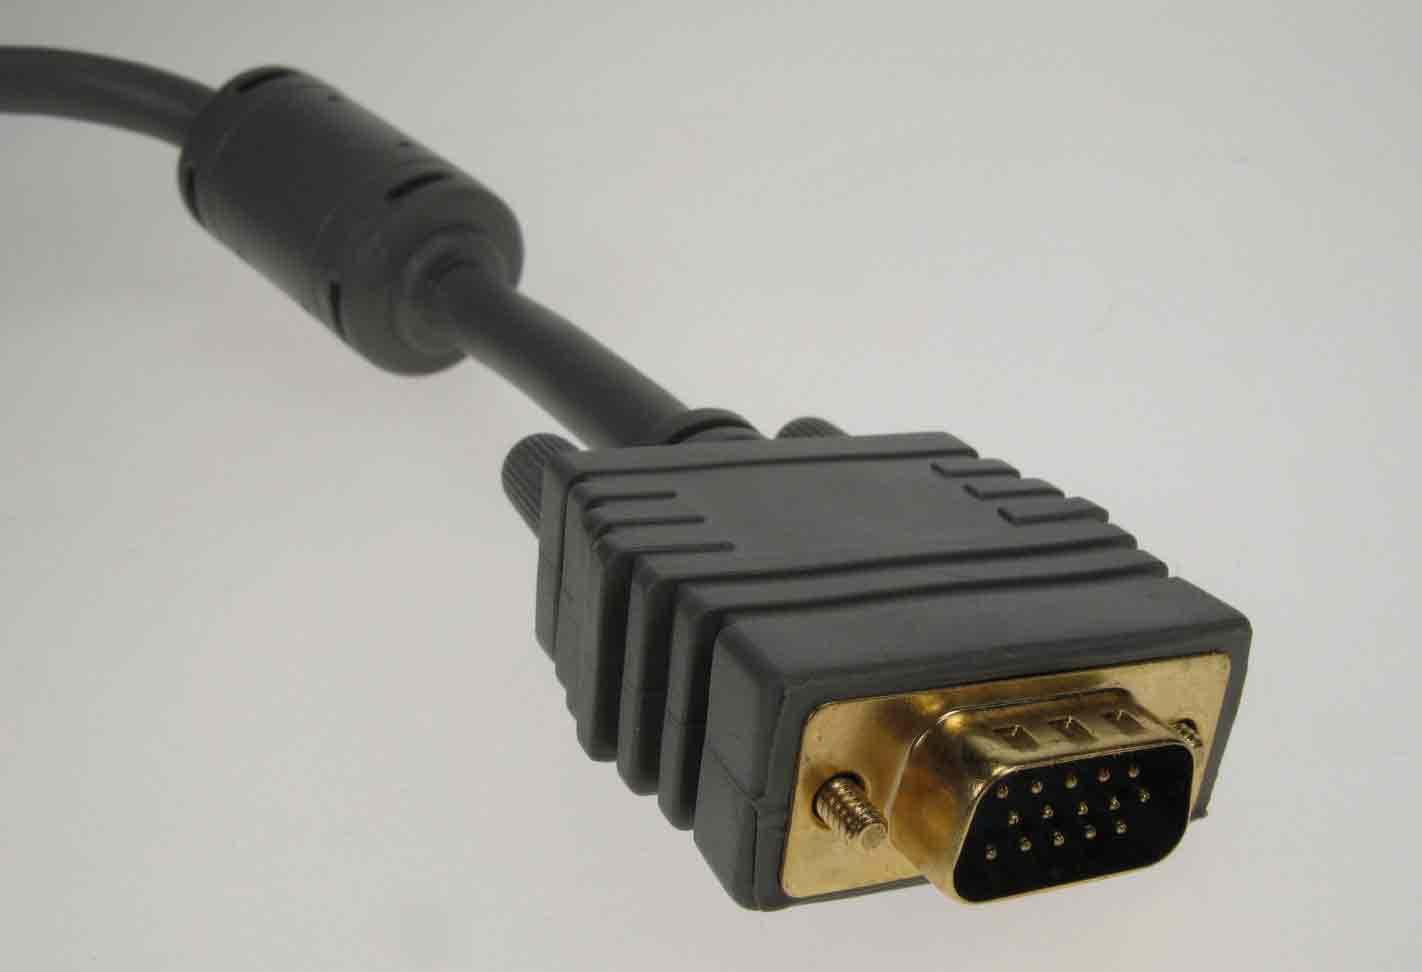 Ohmega Vga Ansl. Kabel 2m Gold